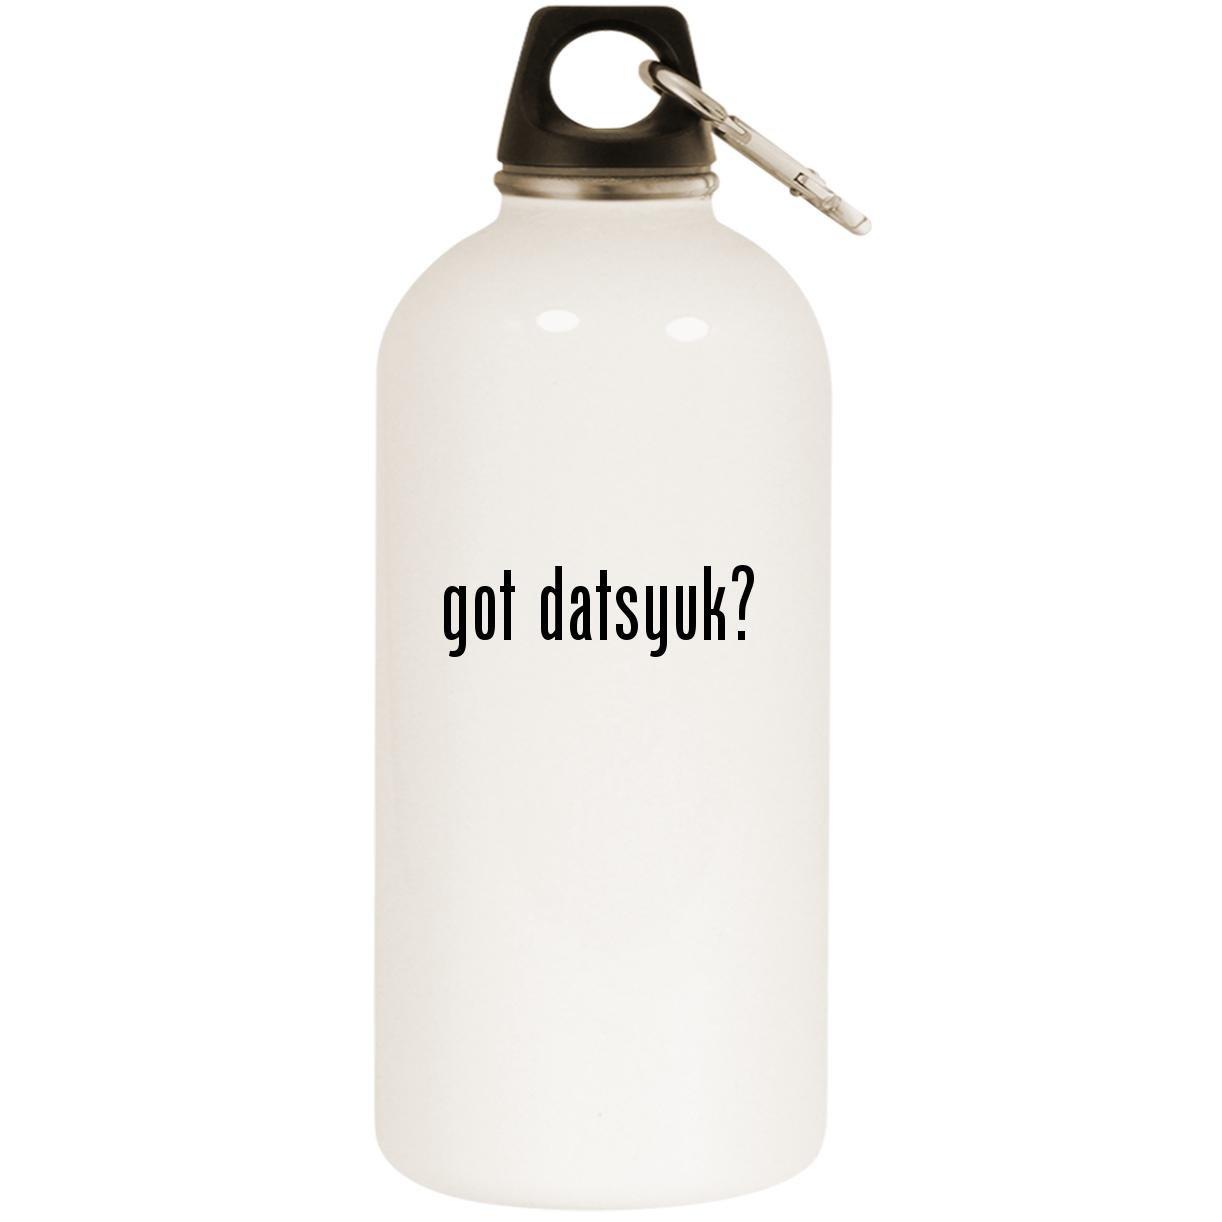 【人気急上昇】 Got Datsyuk – Datsyuk ホワイト20ozステンレススチールウォーターボトルカラビナ Got B0741WNTKB B0741WNTKB, 相馬郡:0113064b --- arianechie.dominiotemporario.com